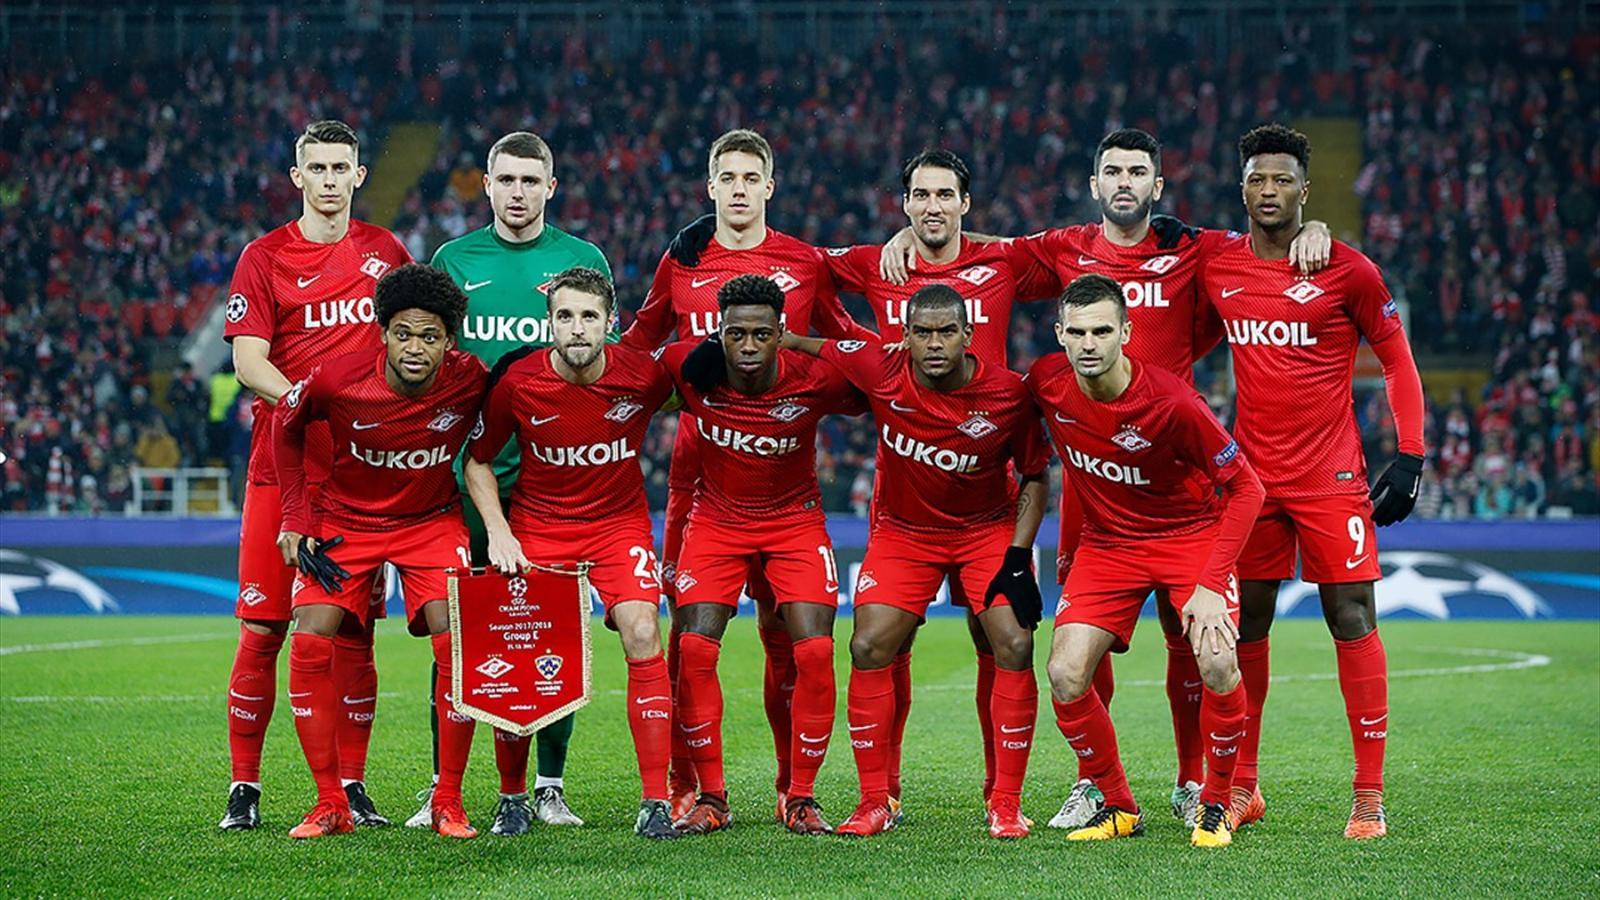 картинки клубов россии по футболу вспомнила менее добрый